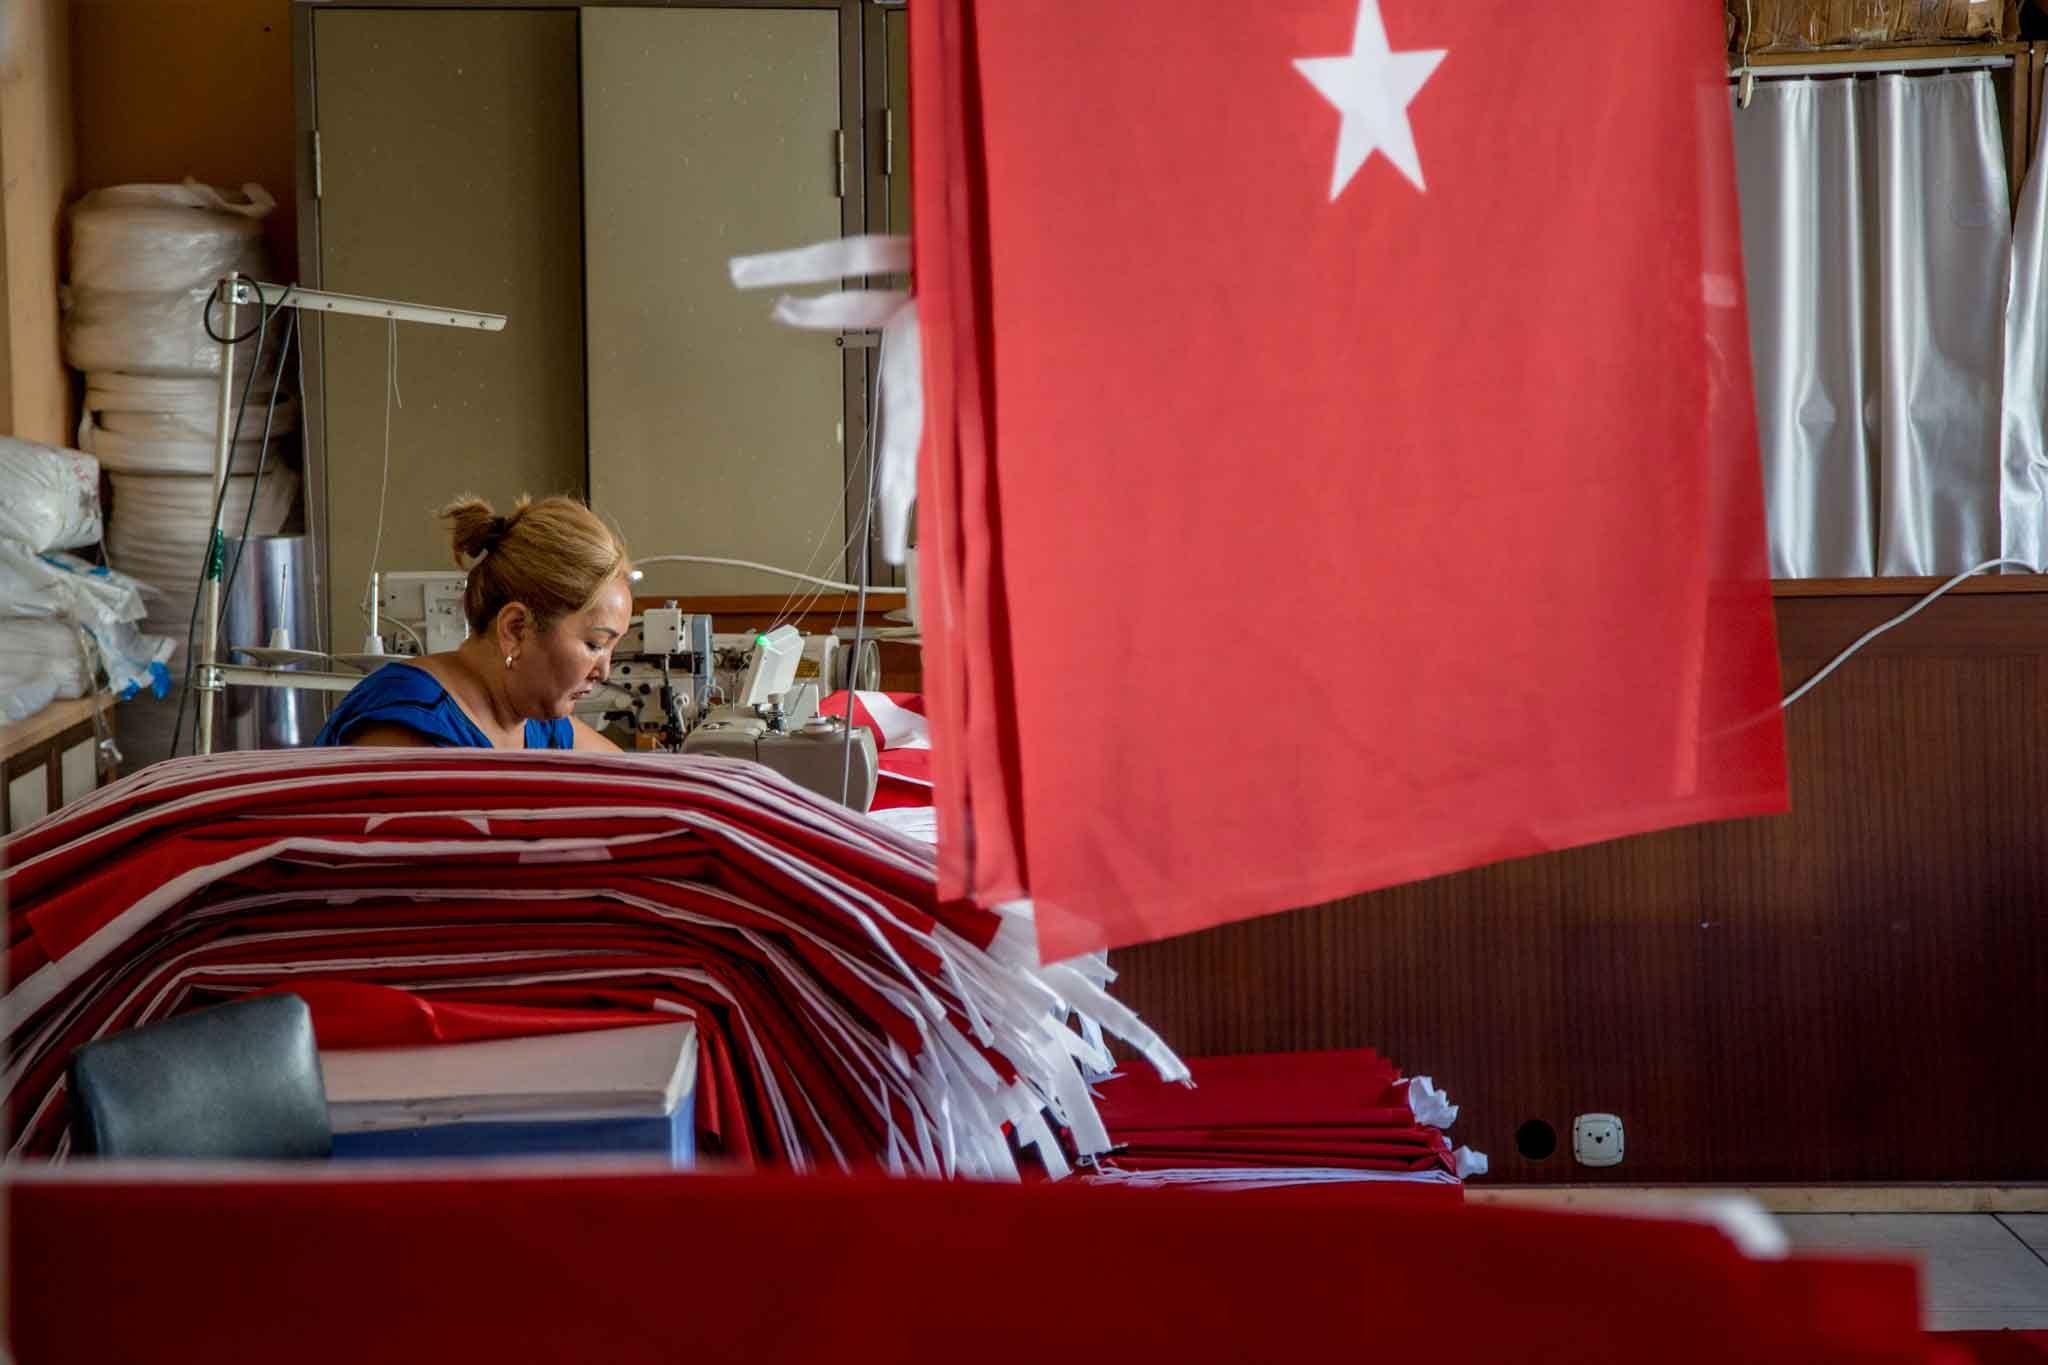 turkishflags10